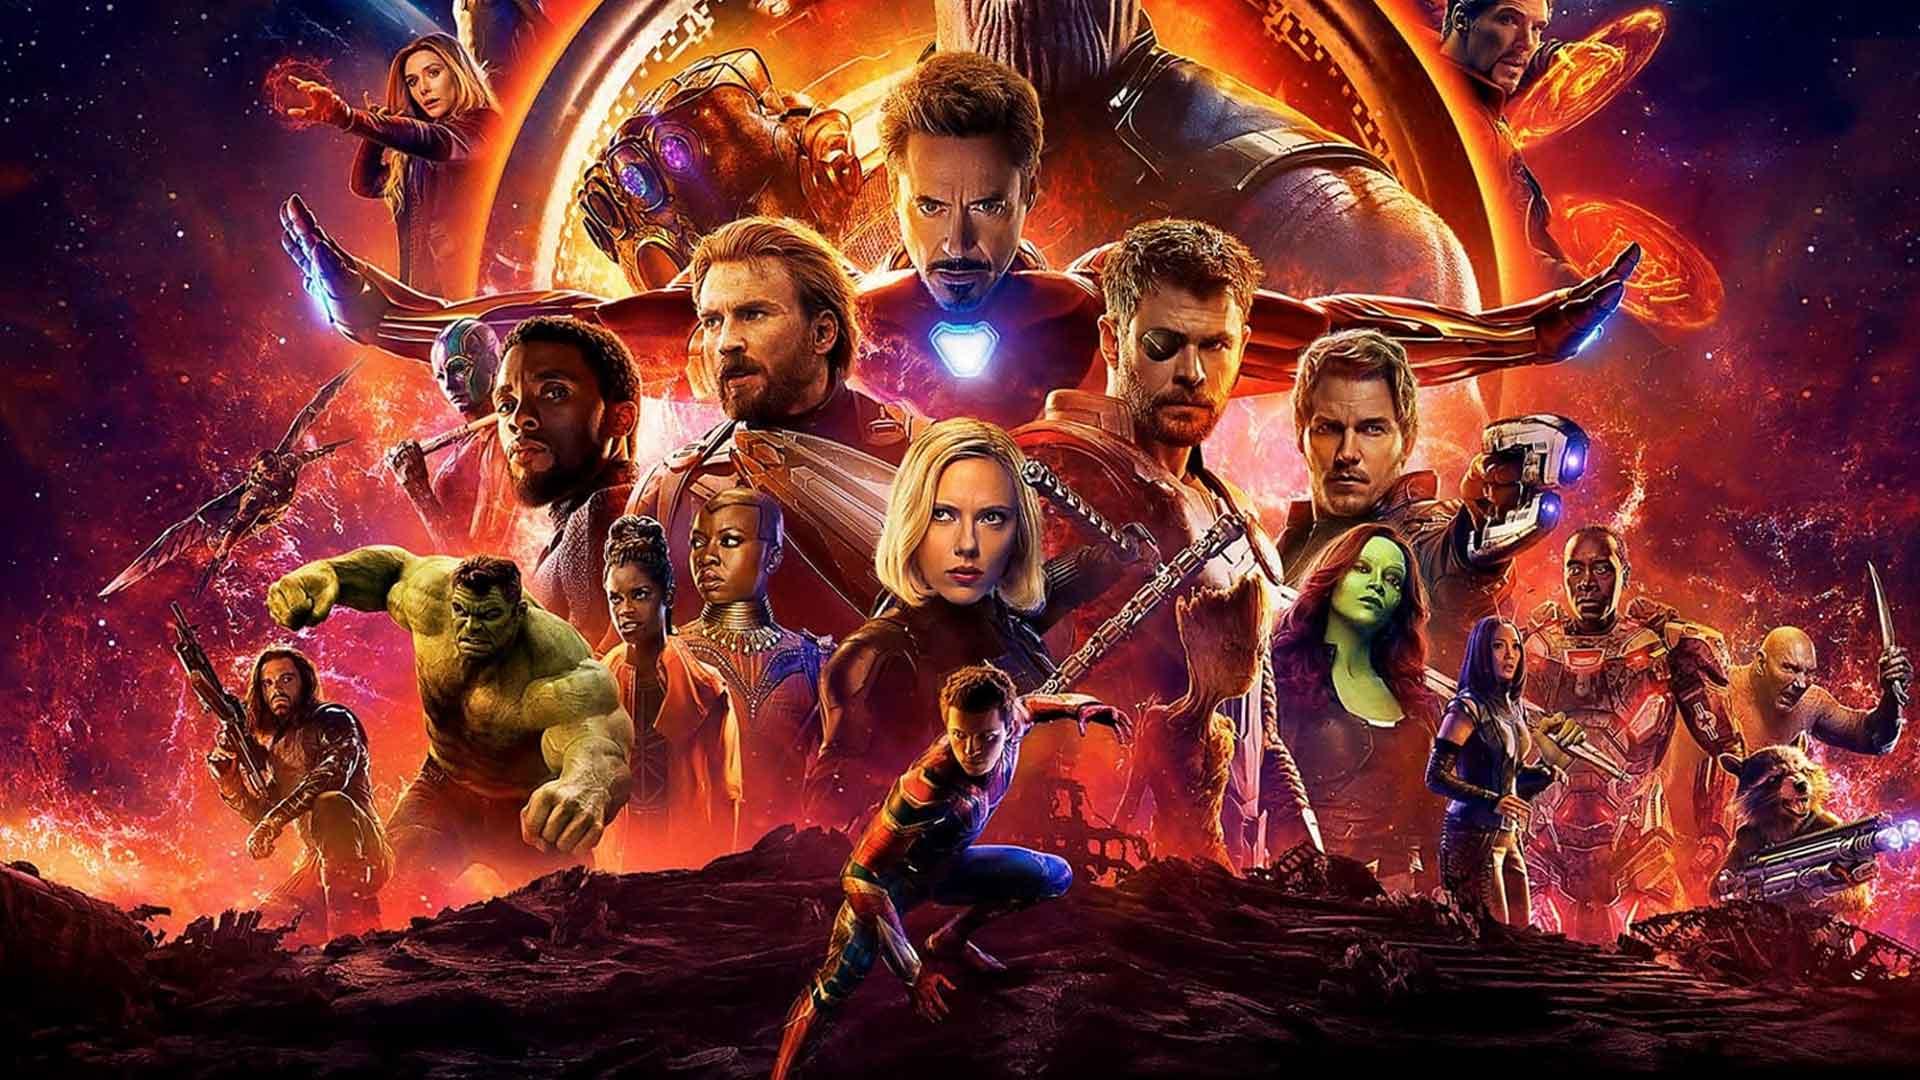 https://cinemaplanet.pt/wp-content/uploads/2018/04/infinity-war-1.jpg